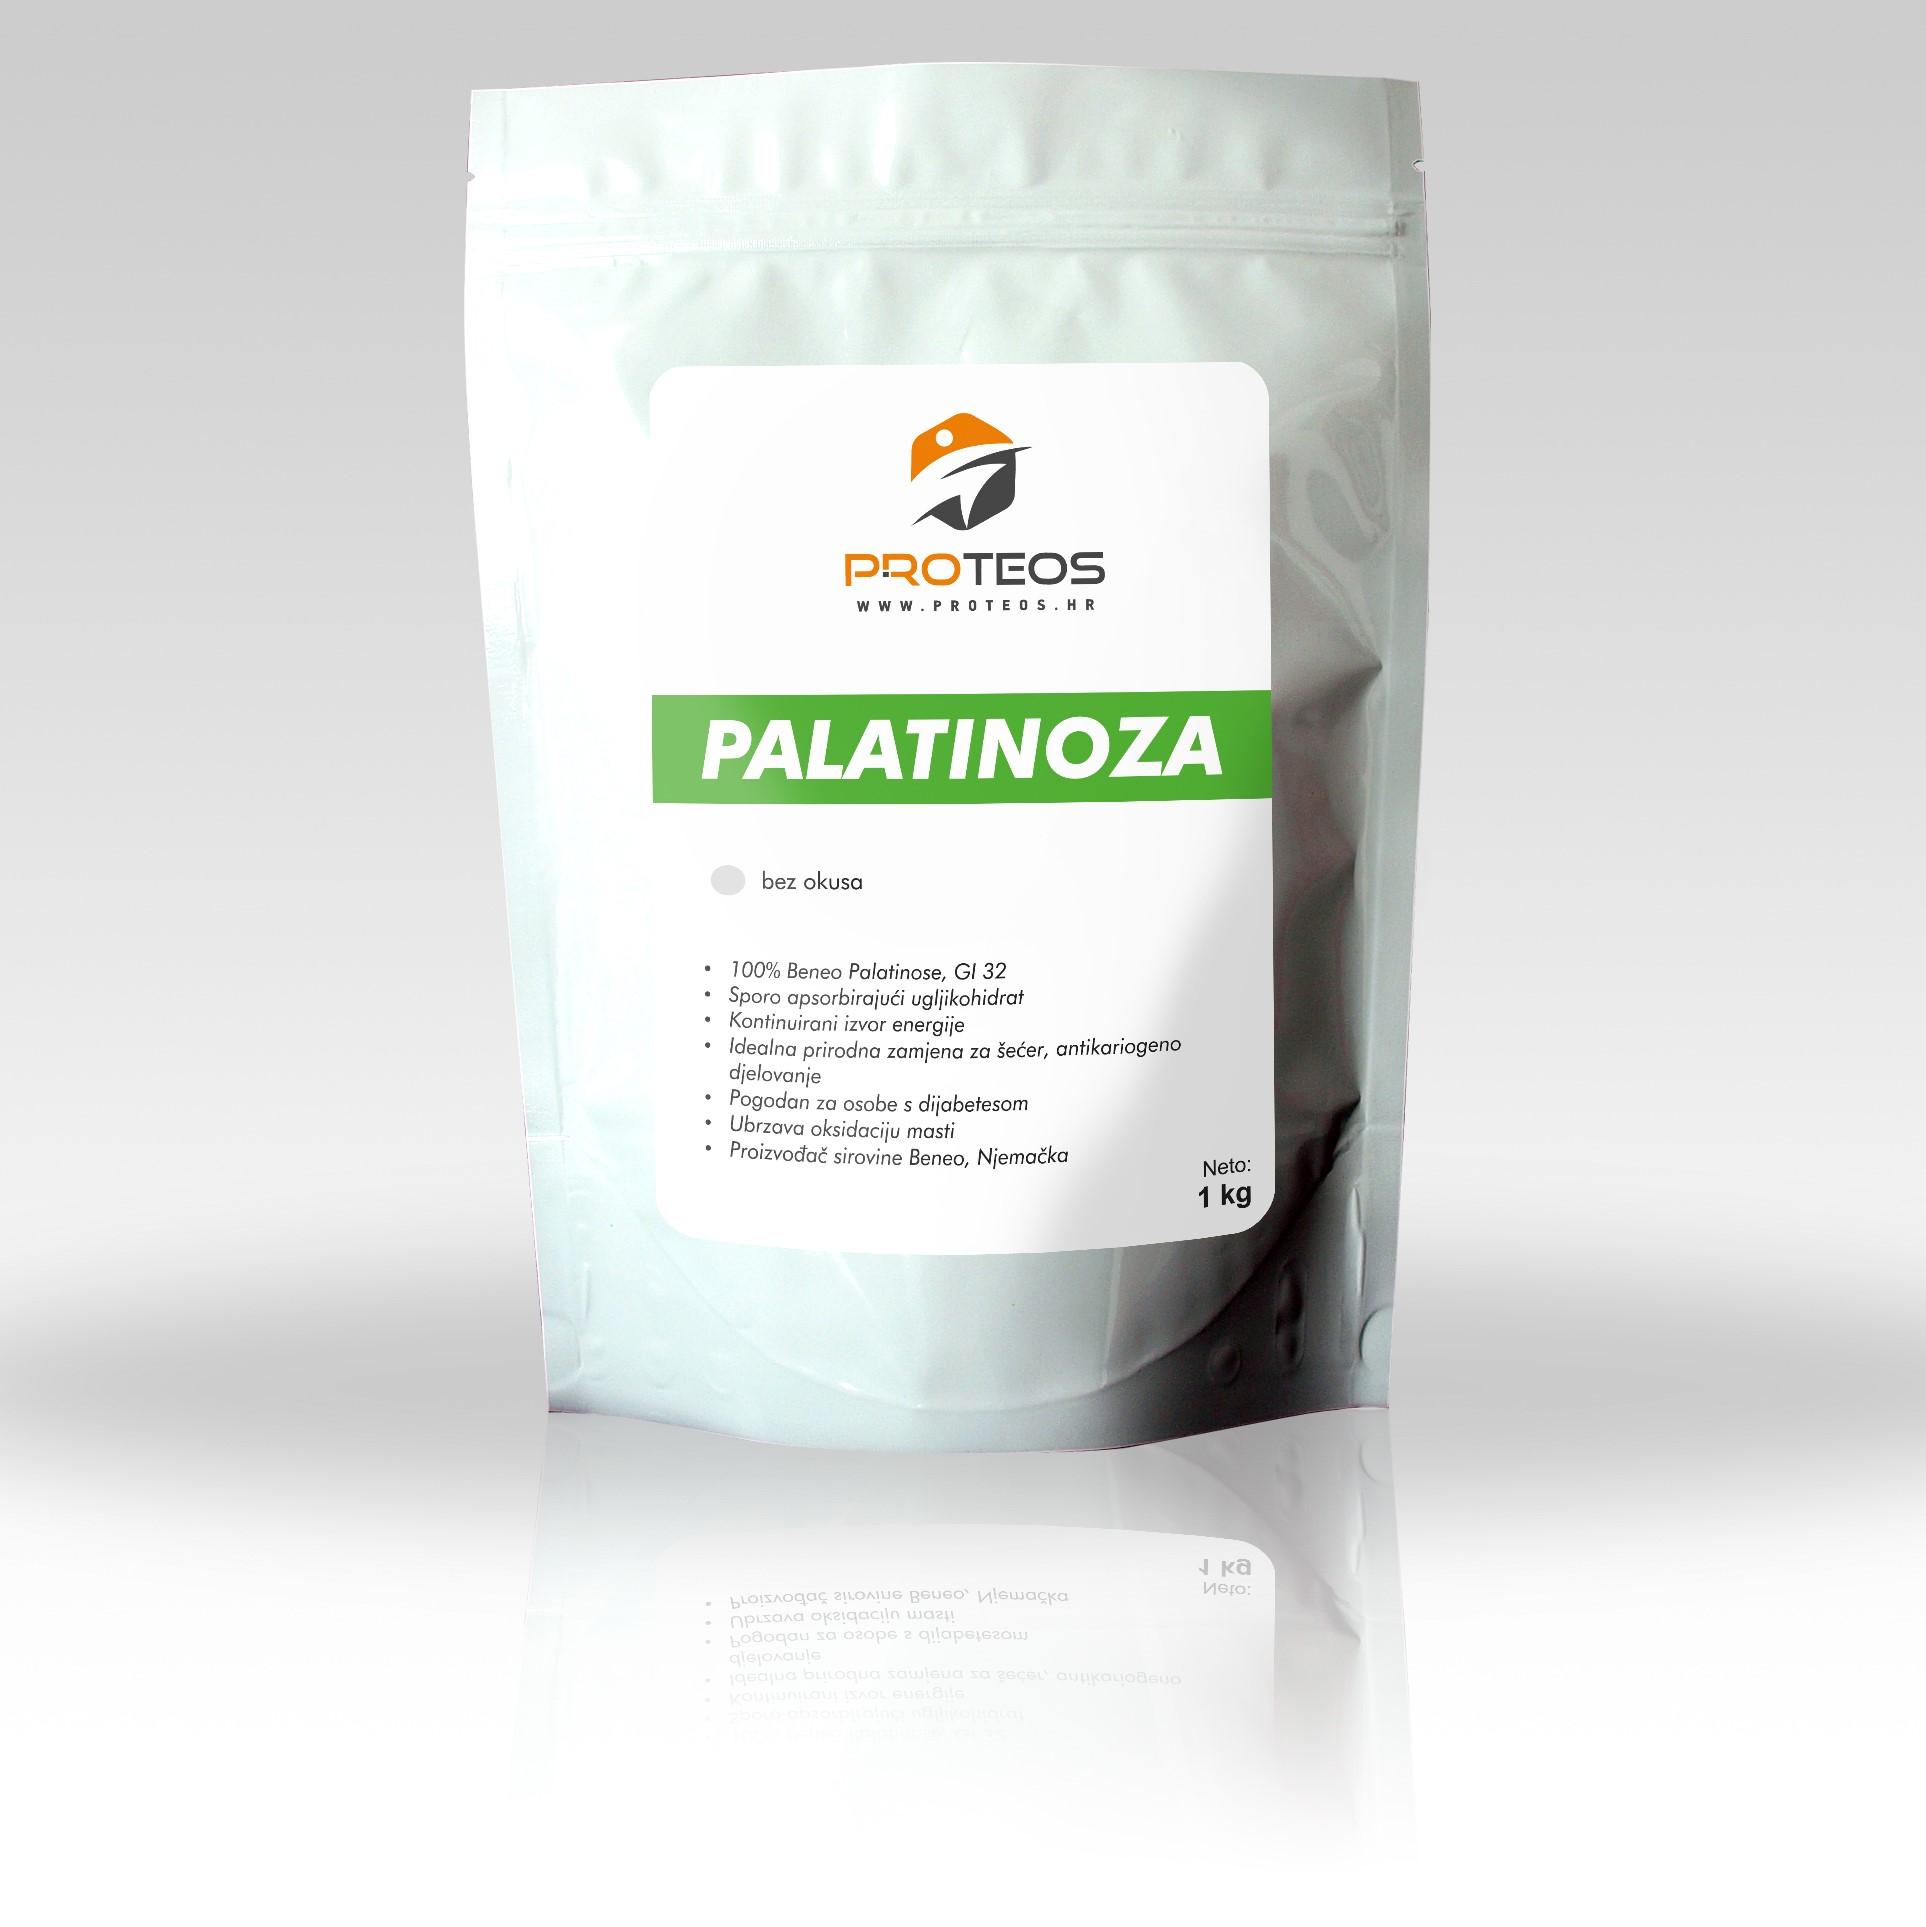 PALATINOZA PROTEOS